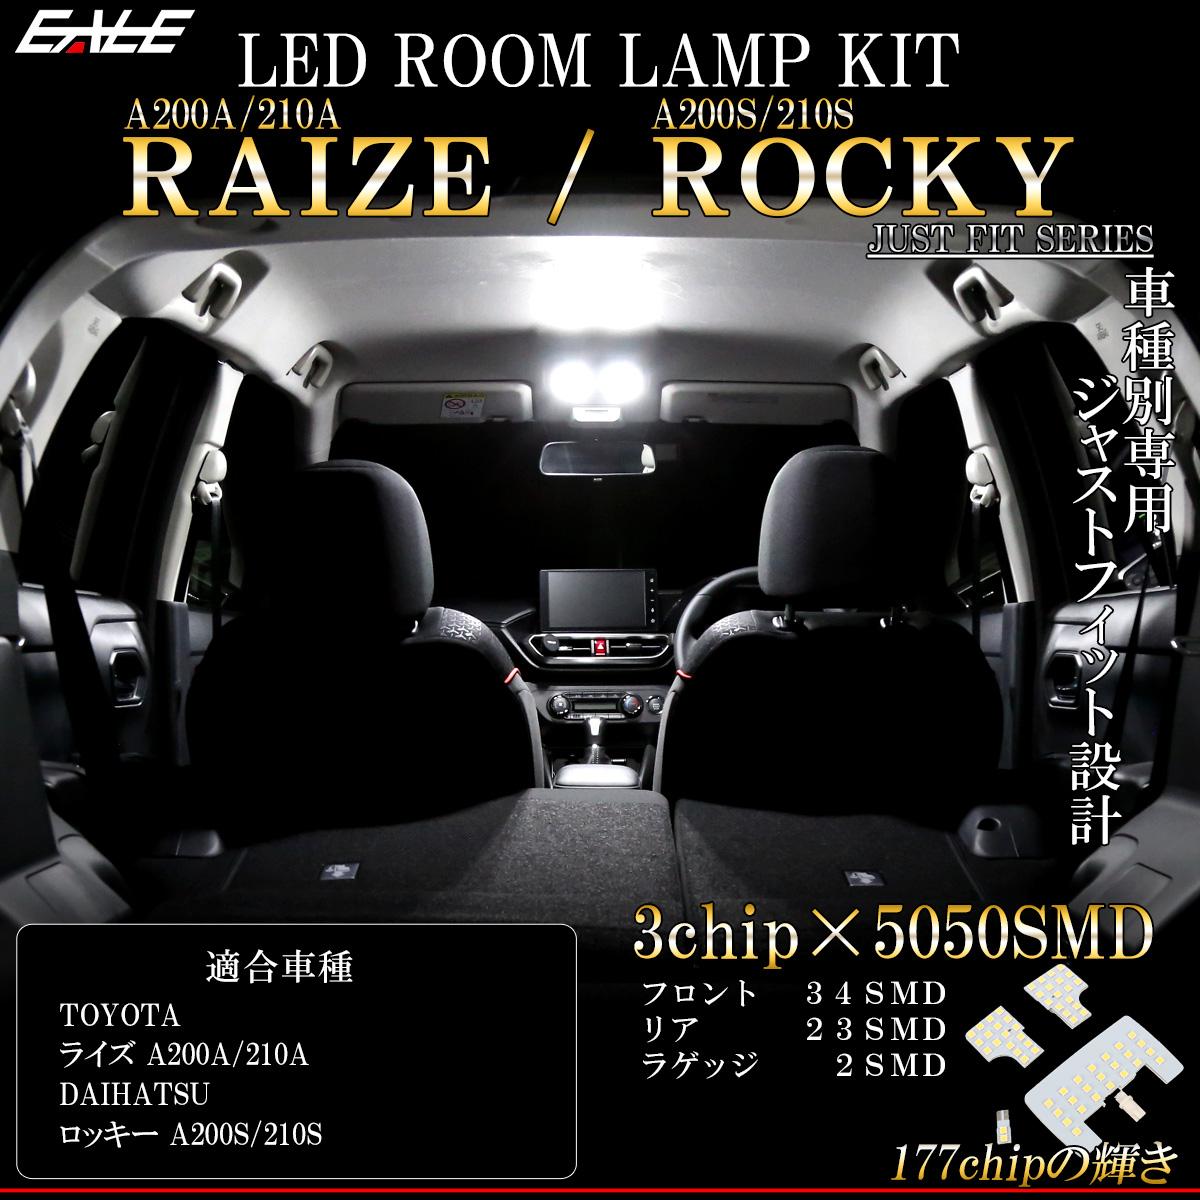 【ネコポス可】 トヨタ ライズ A200A A210A ダイハツ ロッキー A200S A210S LED ルームランプ 専用設計 純白光 7000K ホワイト R-283